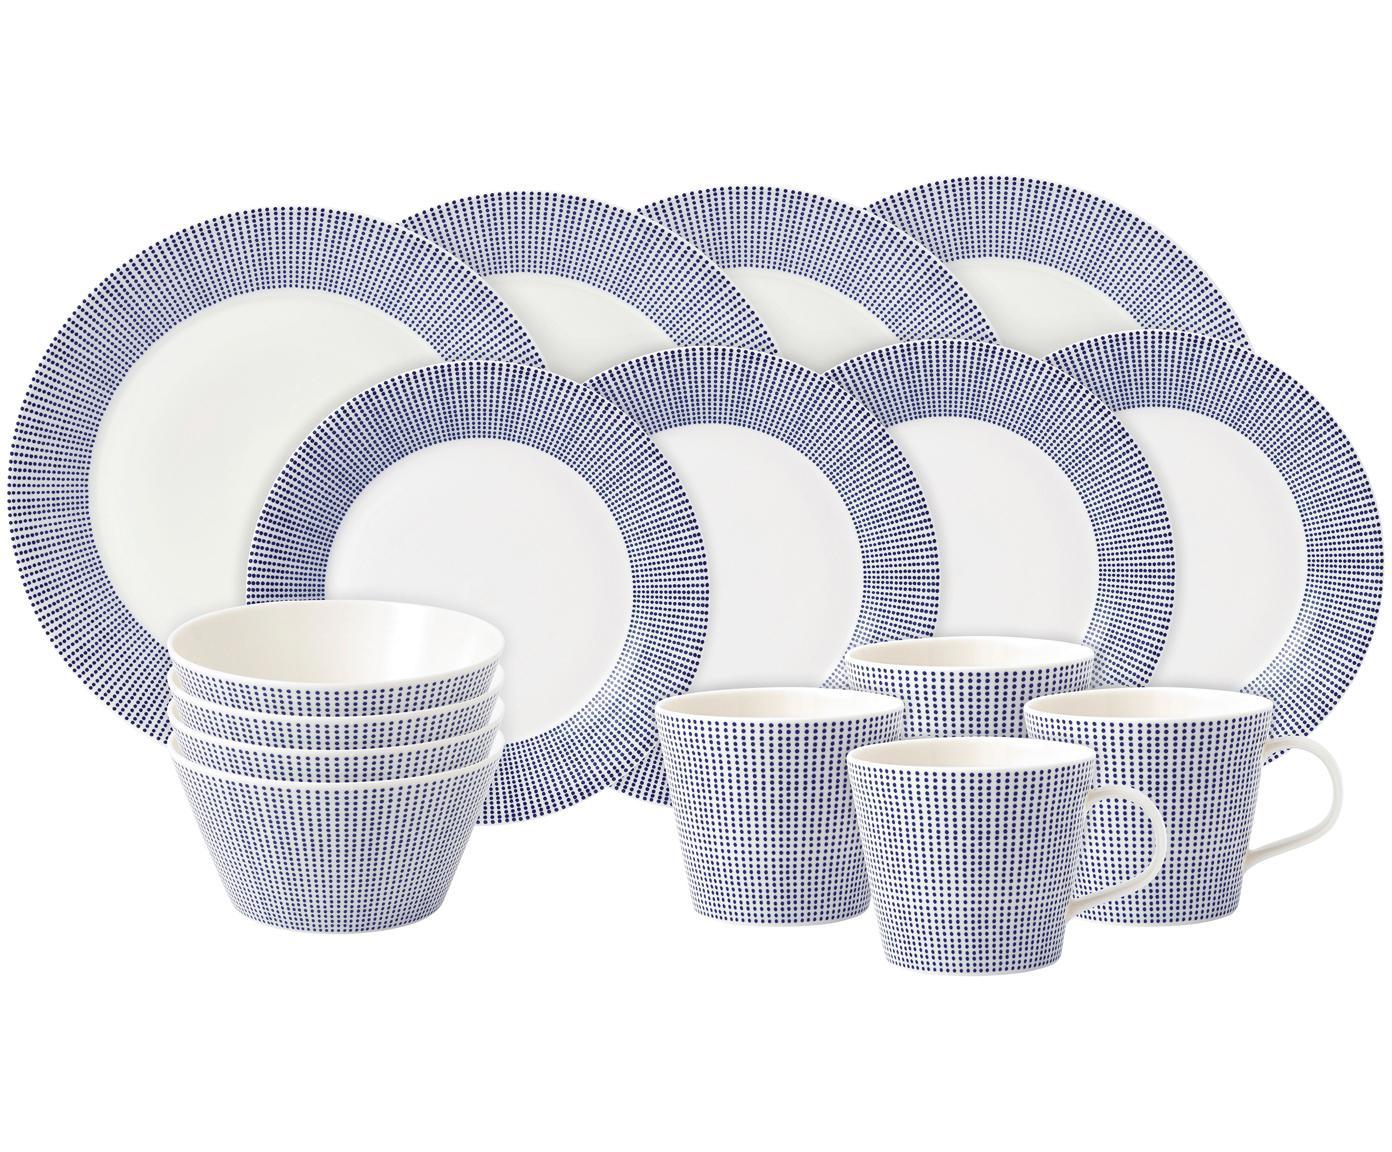 Vajilla de porcelana Pacific, 4comensales (16pzas.), Porcelana, Blanco, azul, Tamaños diferentes